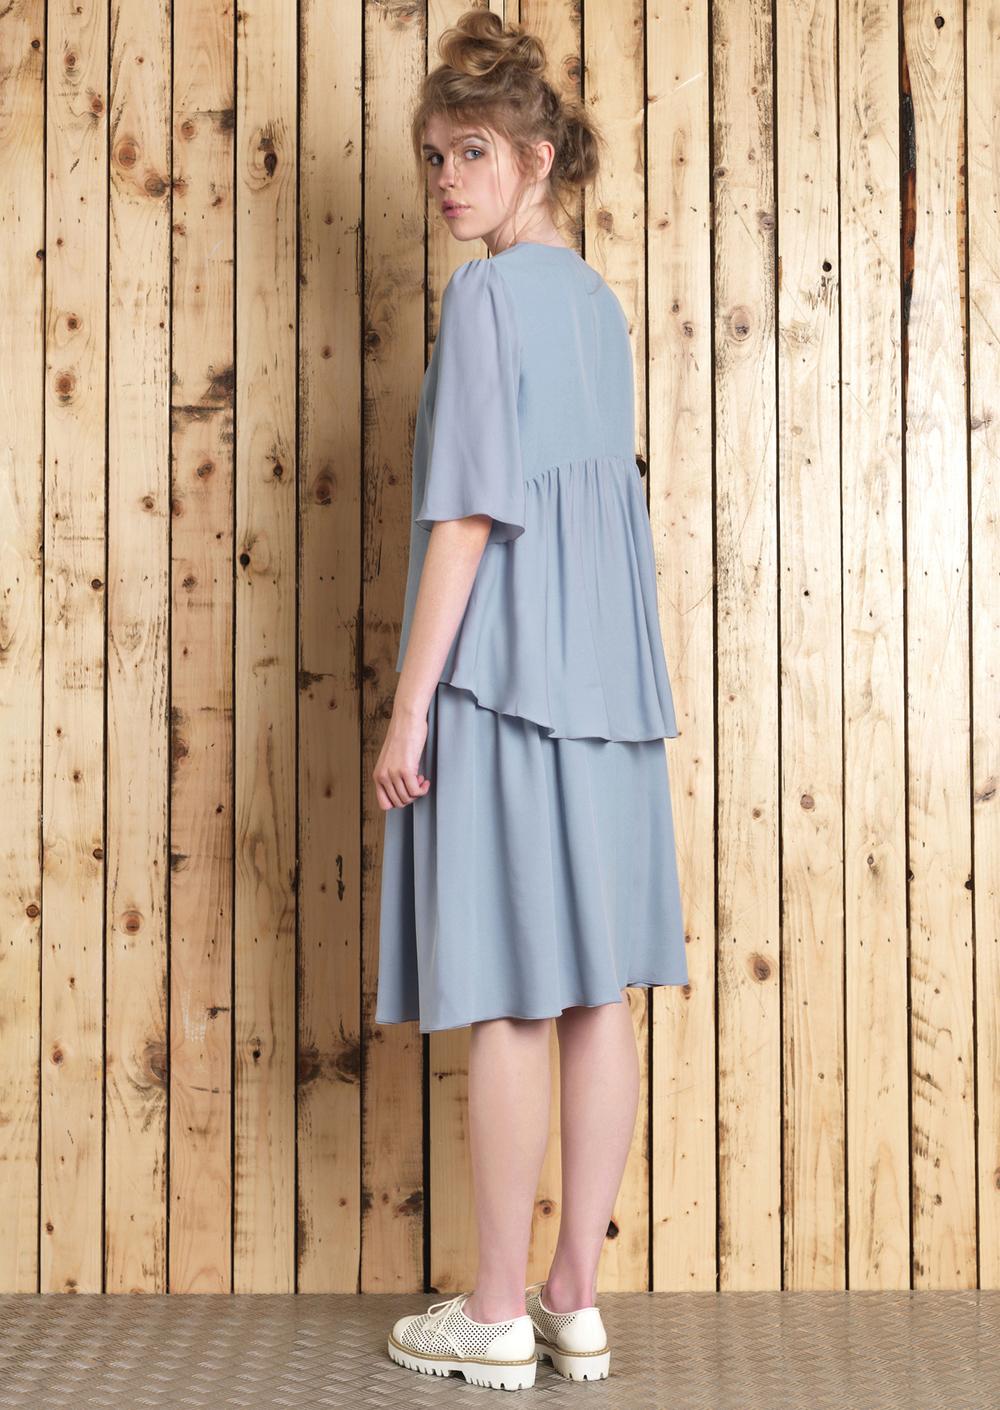 Manley Lana Blouse // Cara Skirt